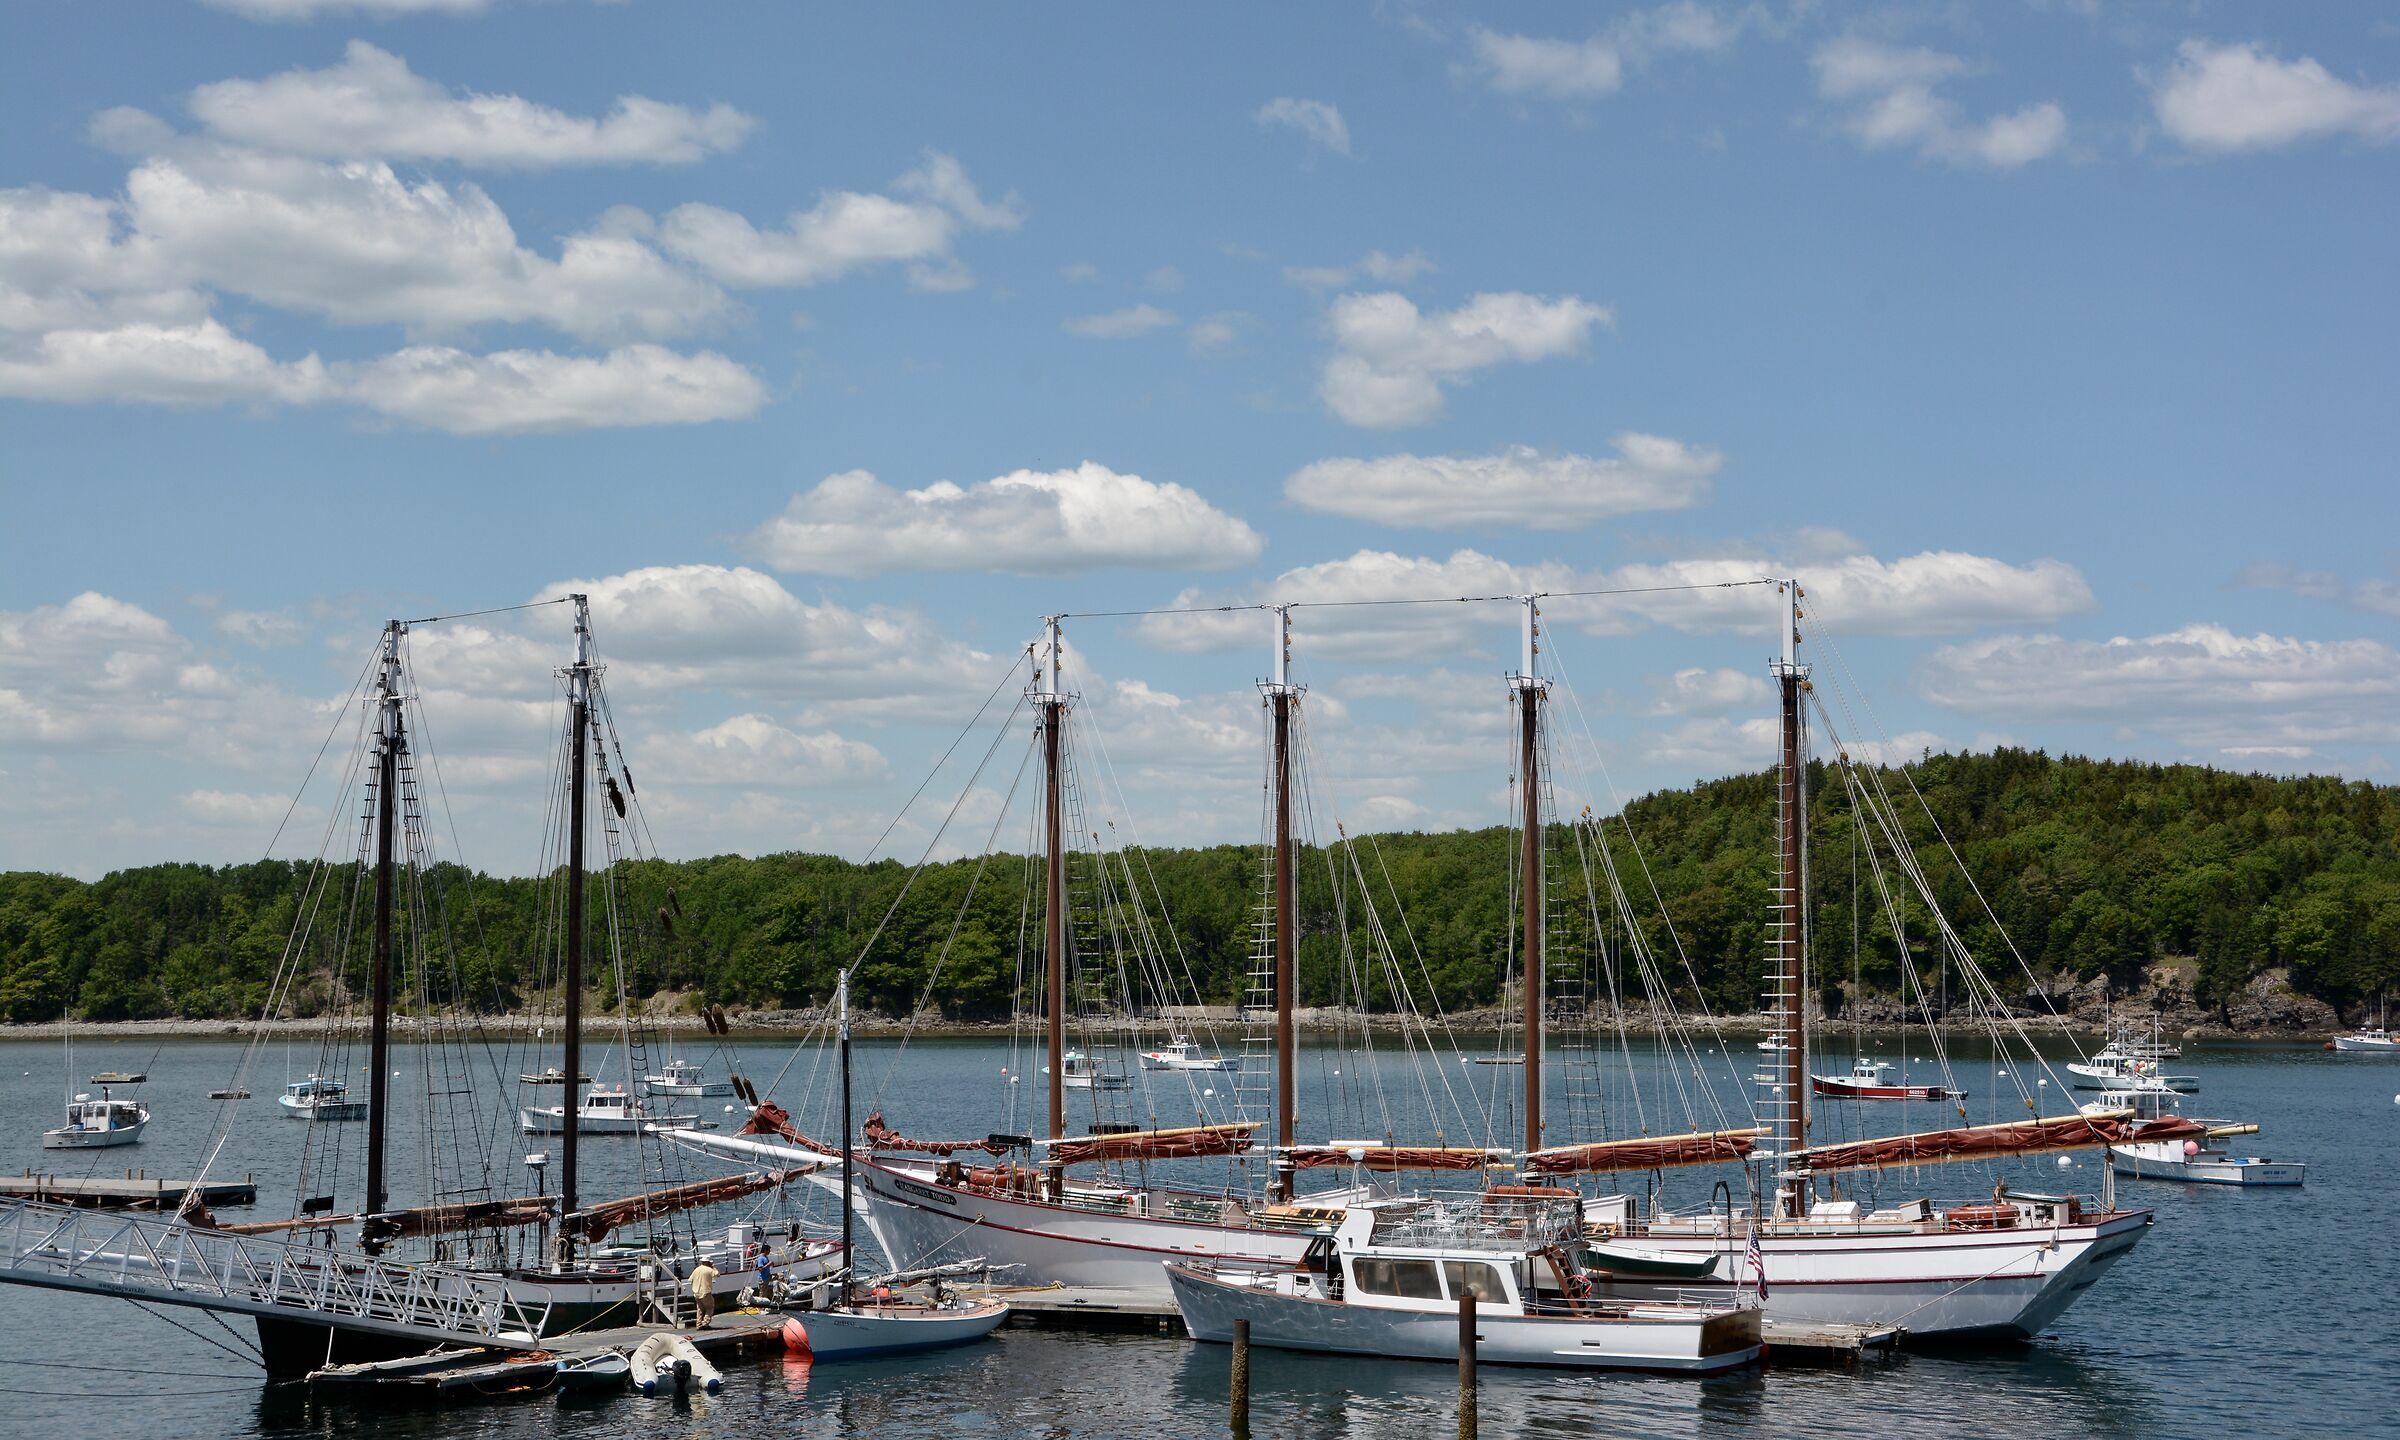 Paesaggio di un porto turistico fuori Quebec...